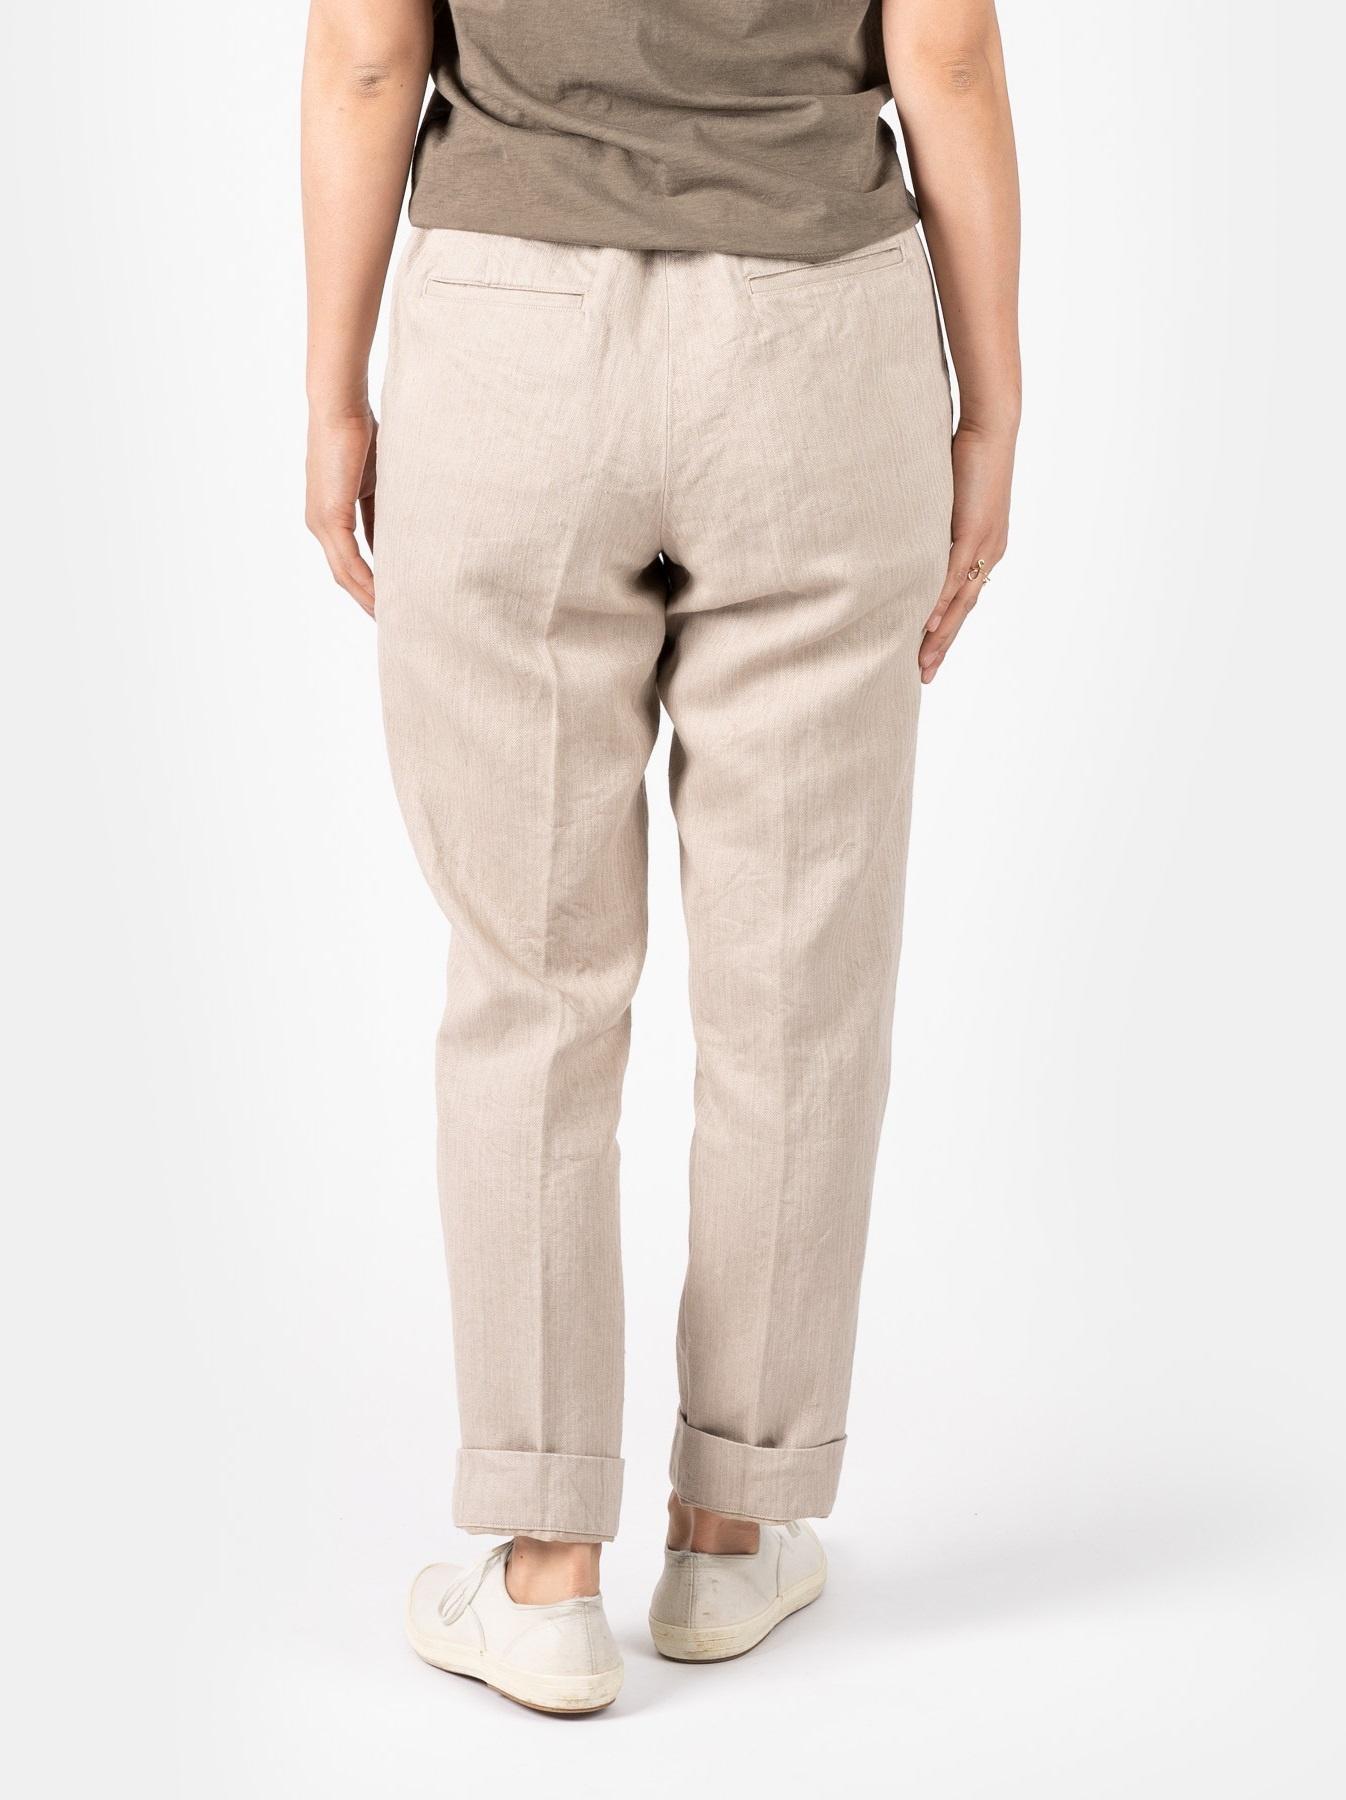 WH Linen Easy Slacks-6